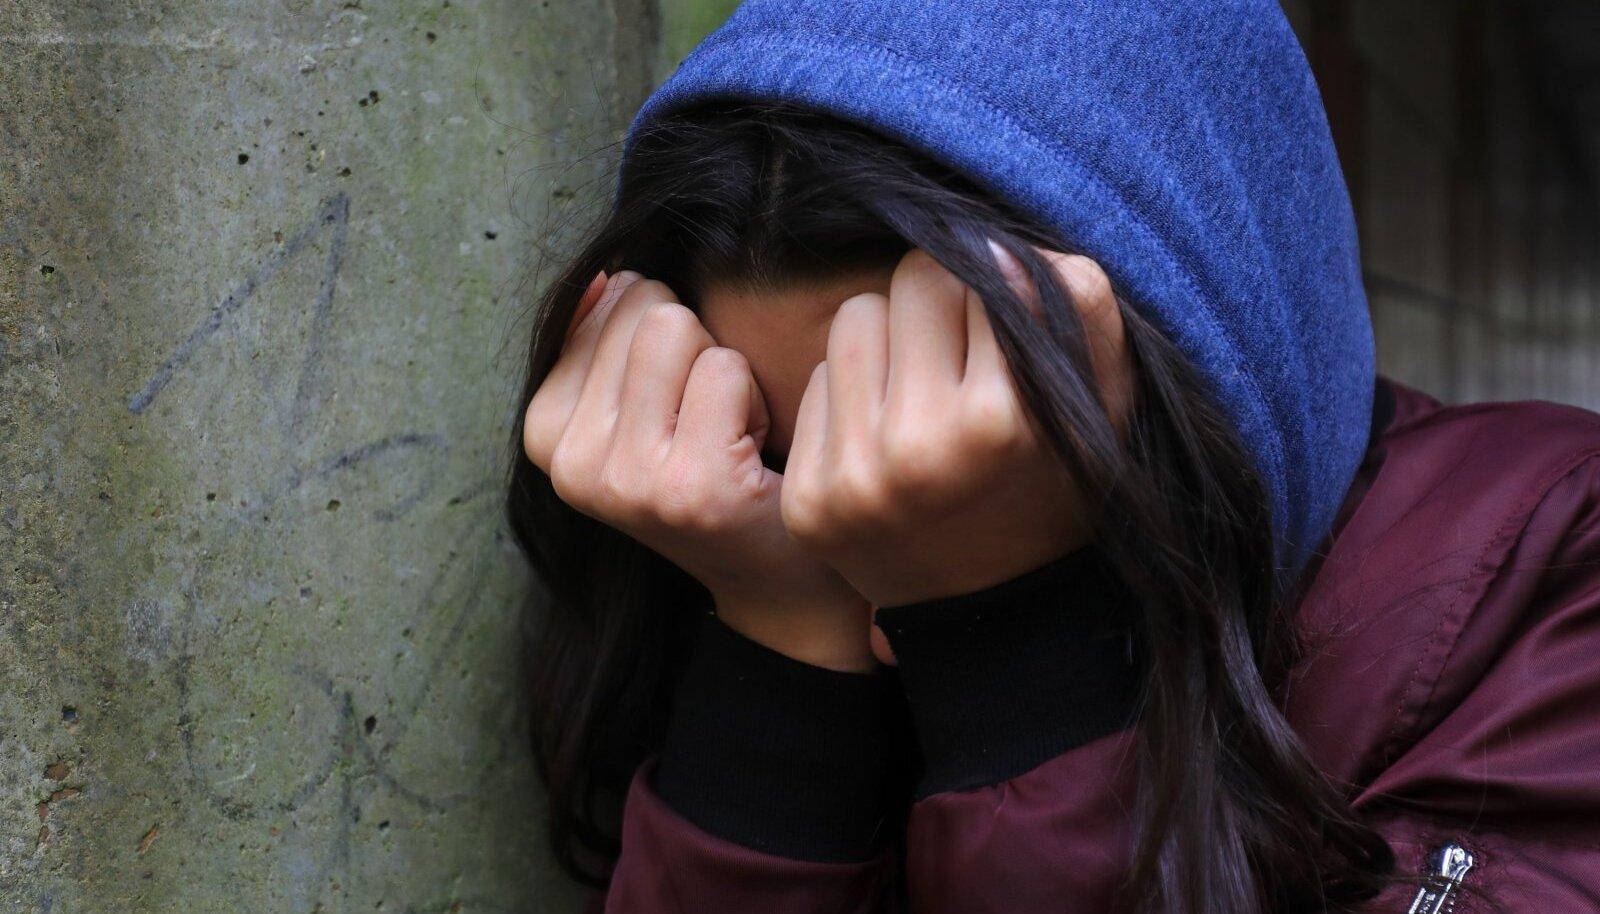 Üks pandeemiaaegseid riskigruppe on noored, keda rõhub sotsiaalse elu vähenemine ja koolipsühholoogide toeta jäämine.